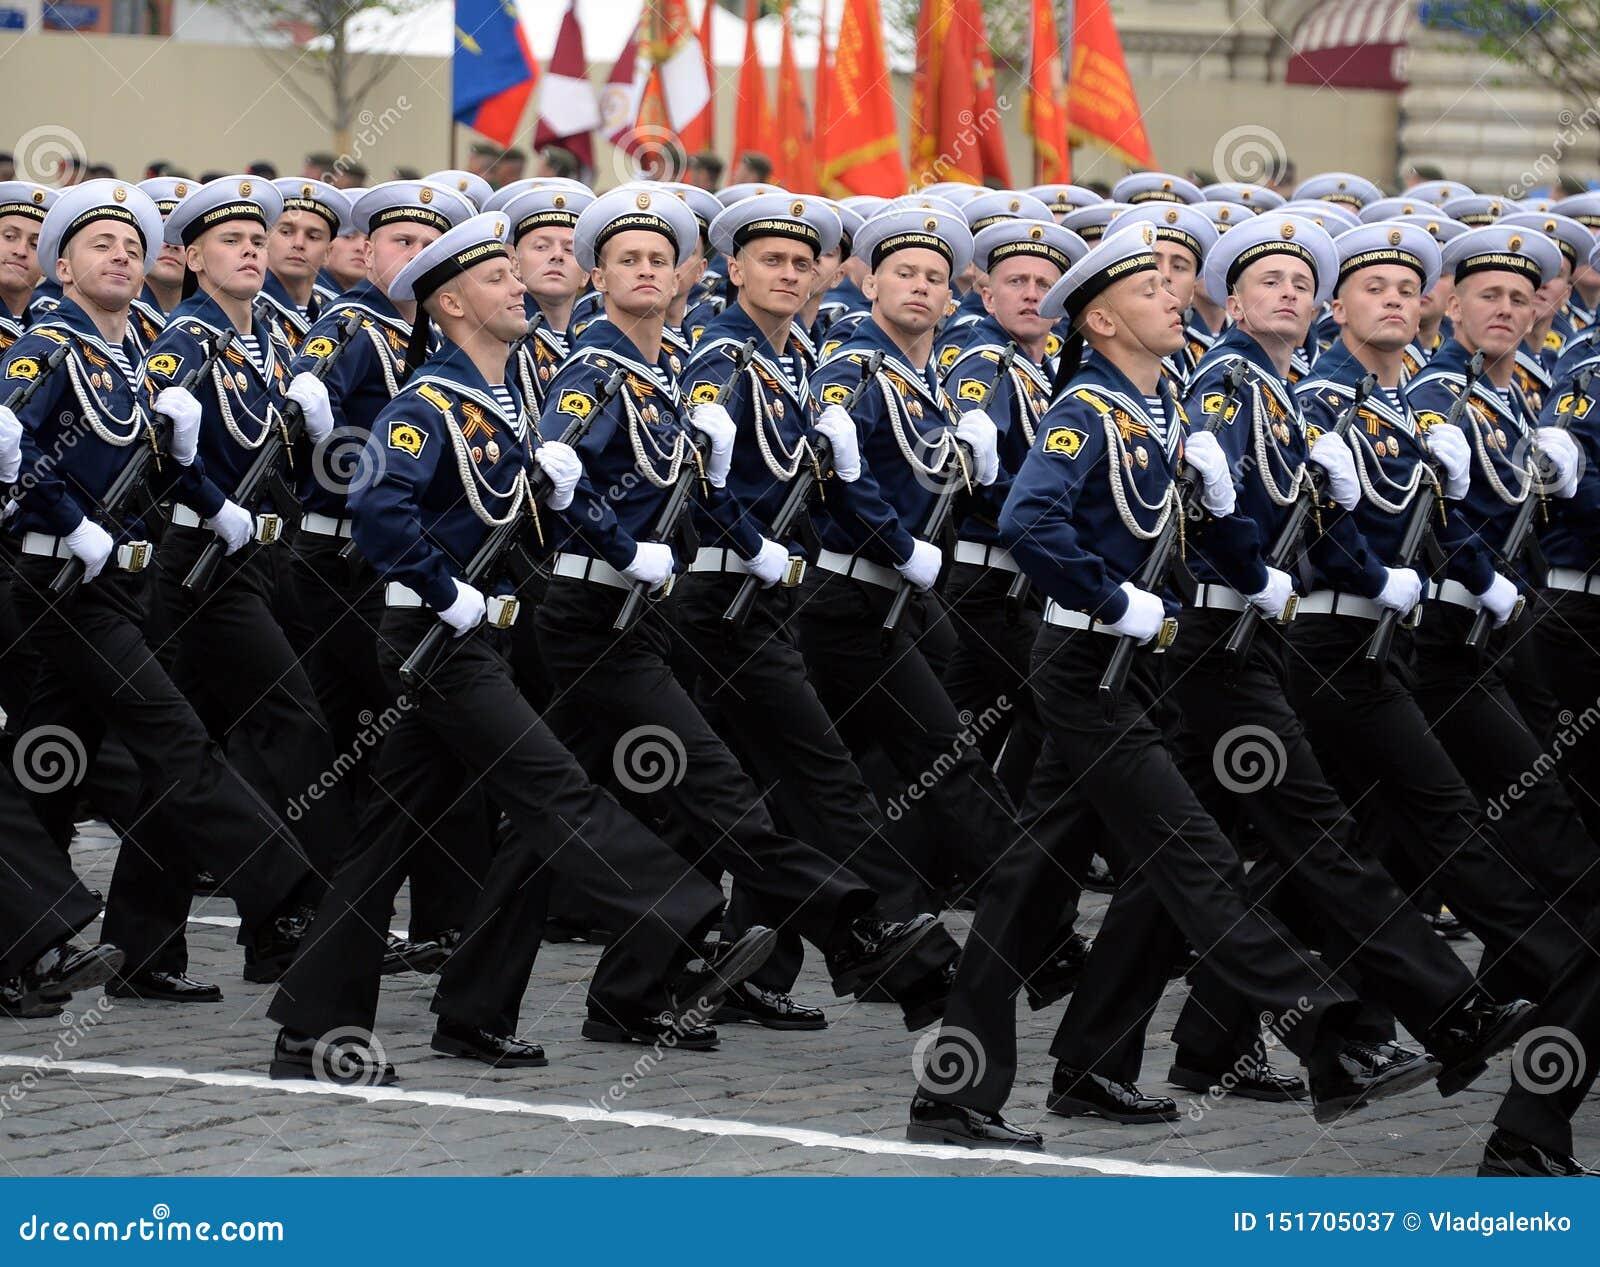 Cadete do instituto politécnico naval durante a parada no quadrado vermelho em honra do dia da vitória